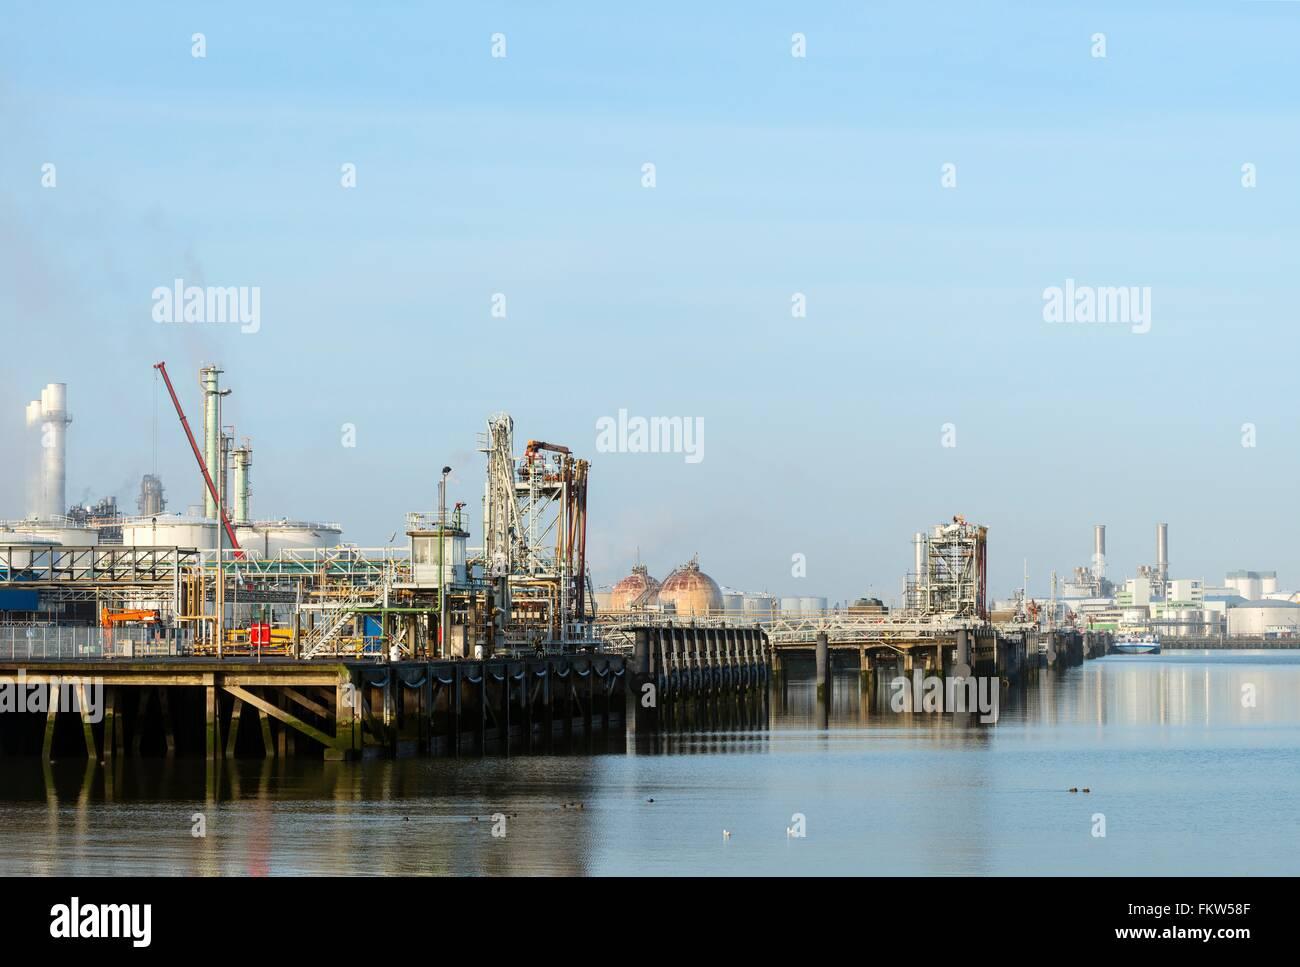 Puerto con terminal de petróleo en la refinería, Rotterdam, Zuid-Holland, Países Bajos Foto de stock